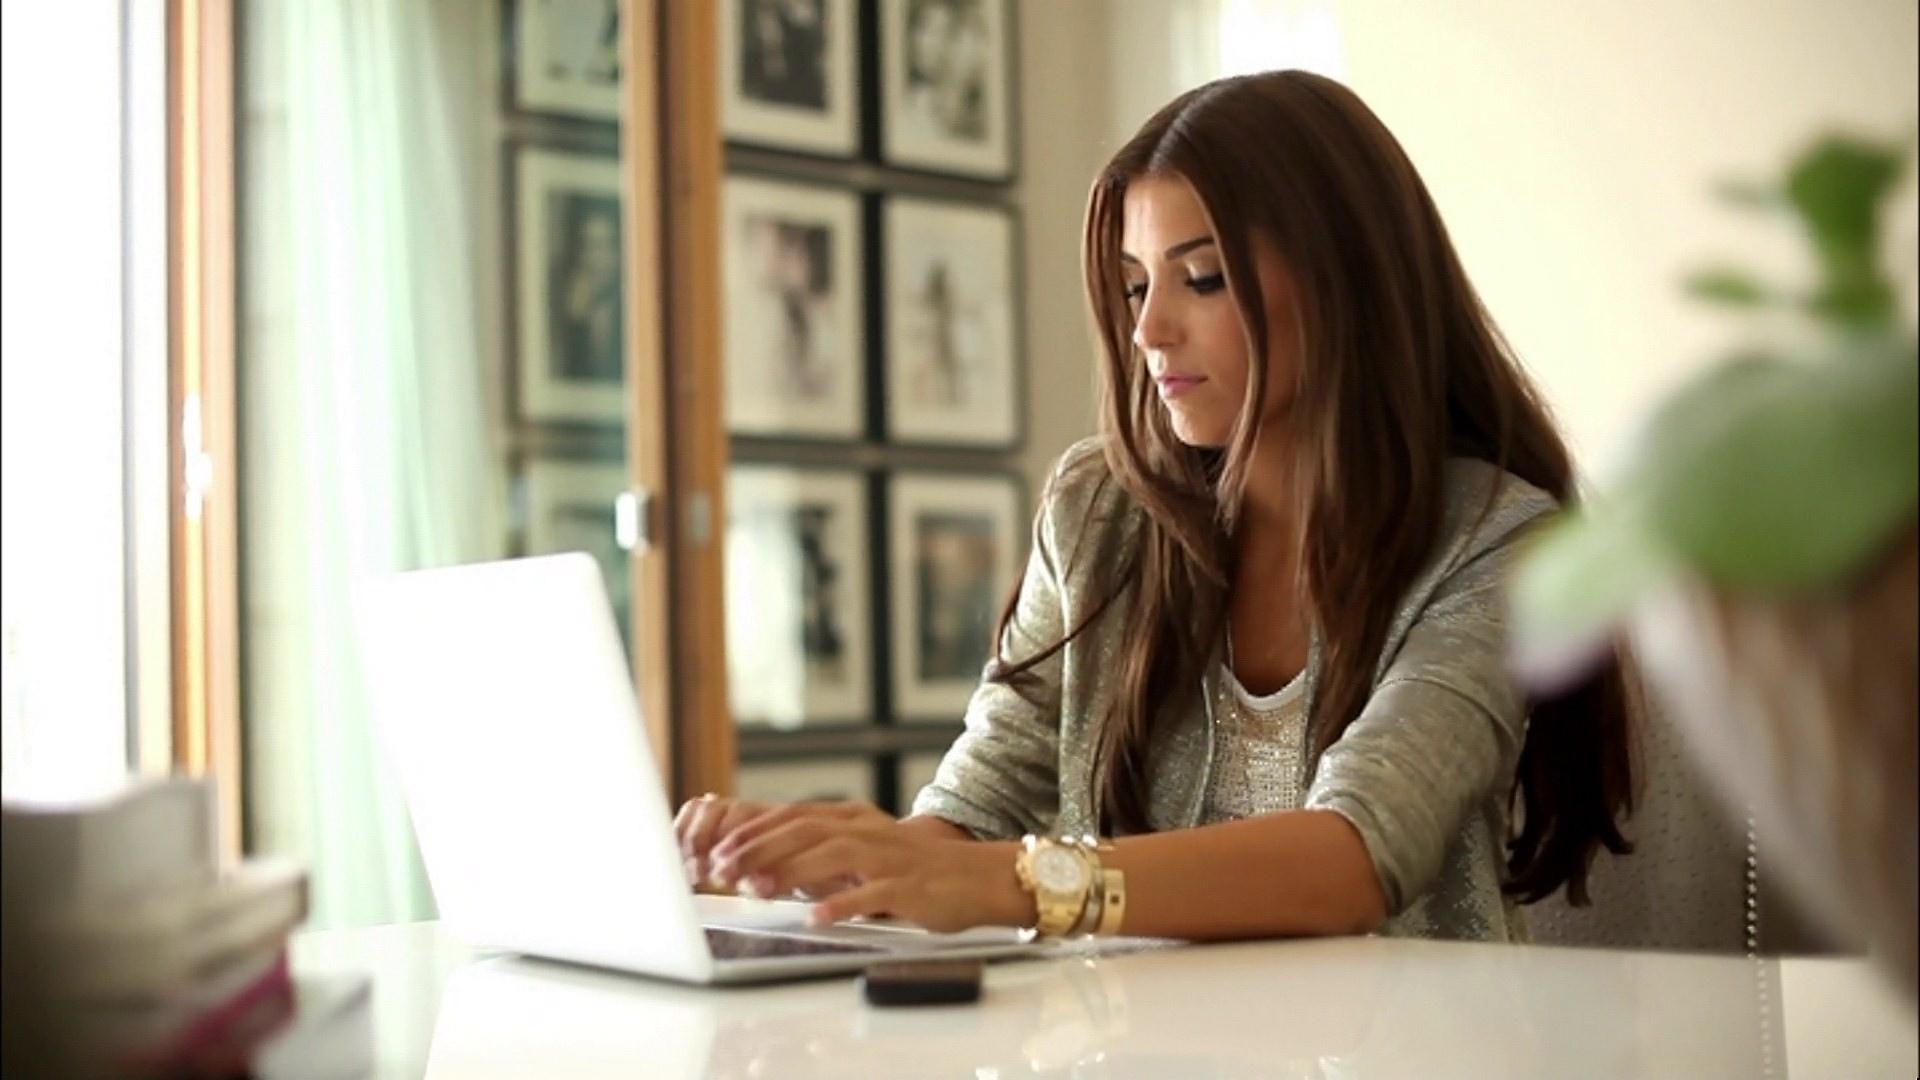 Розумний статус в соціальних мережах - не показник високого інтелекту